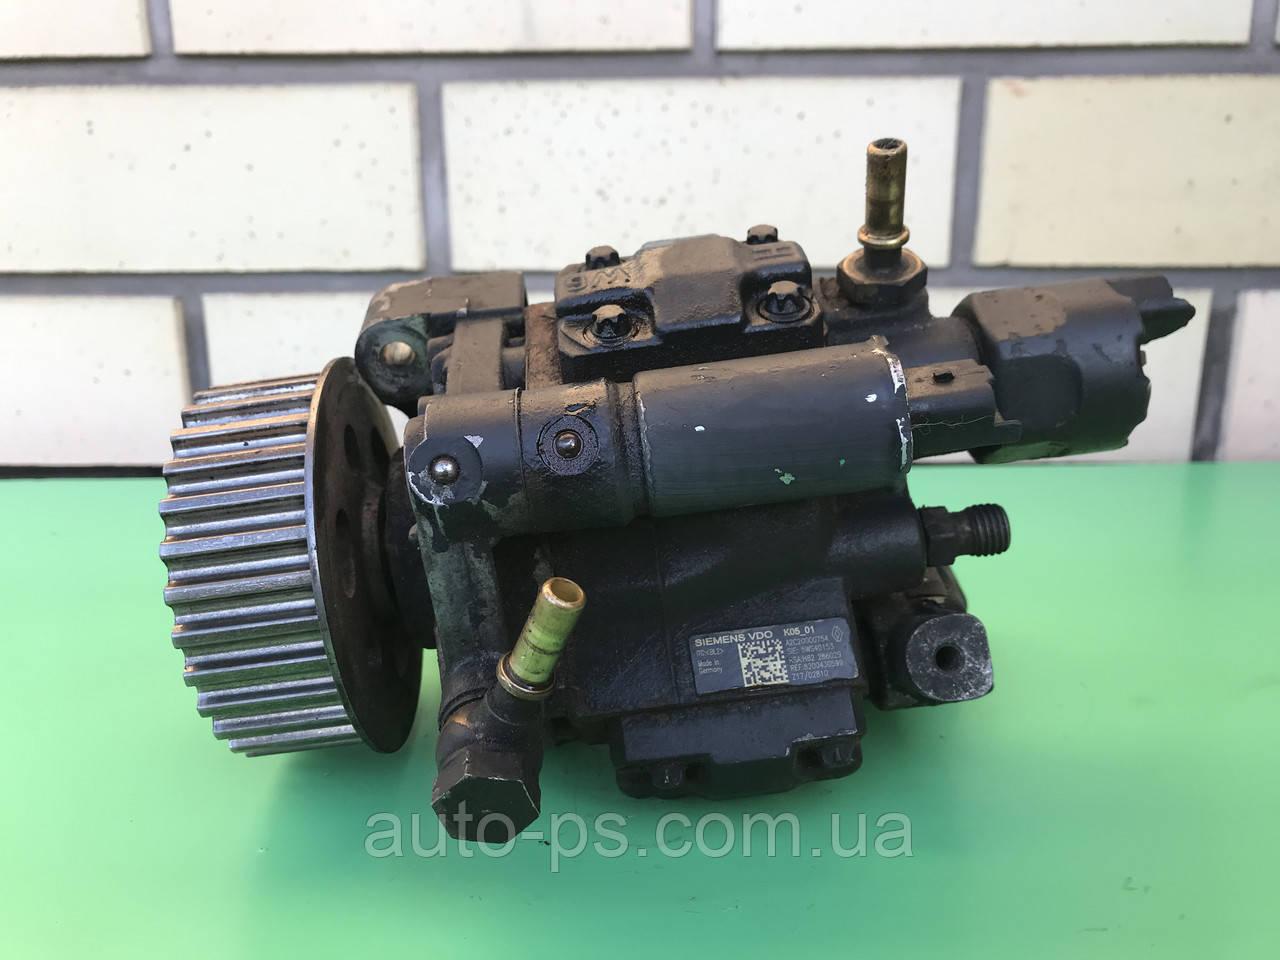 Топливный насос высокого давления (ТНВД) Nissan TIIDA 1.5dCi